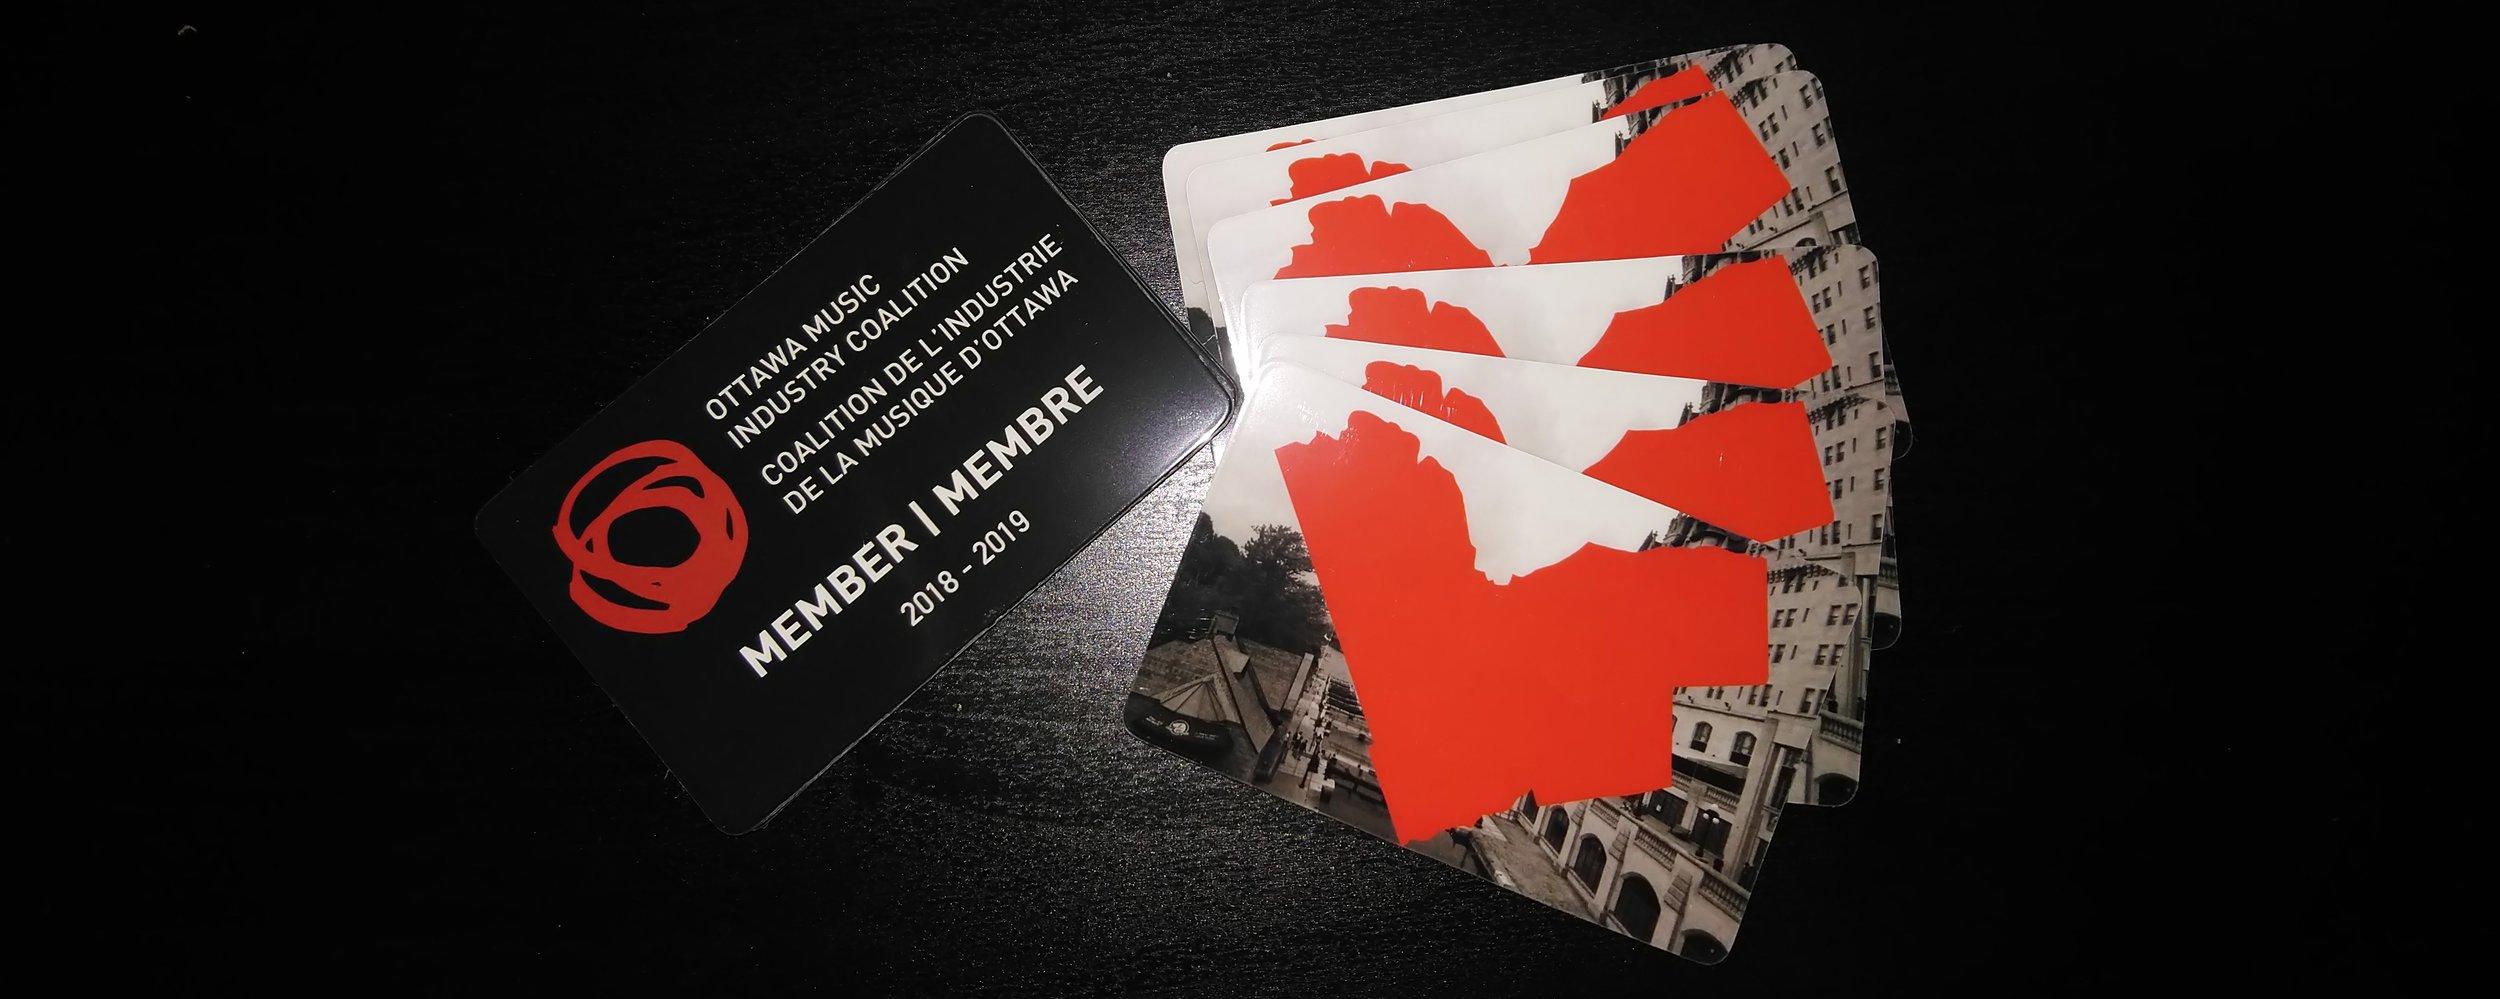 RABAIS - affiche ta carte!